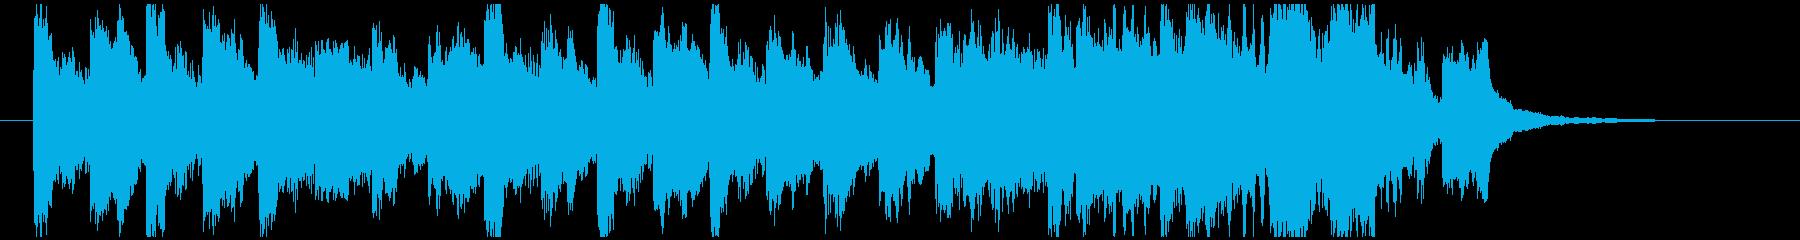 逃げ惑うシーンをイメージしたBGMの再生済みの波形